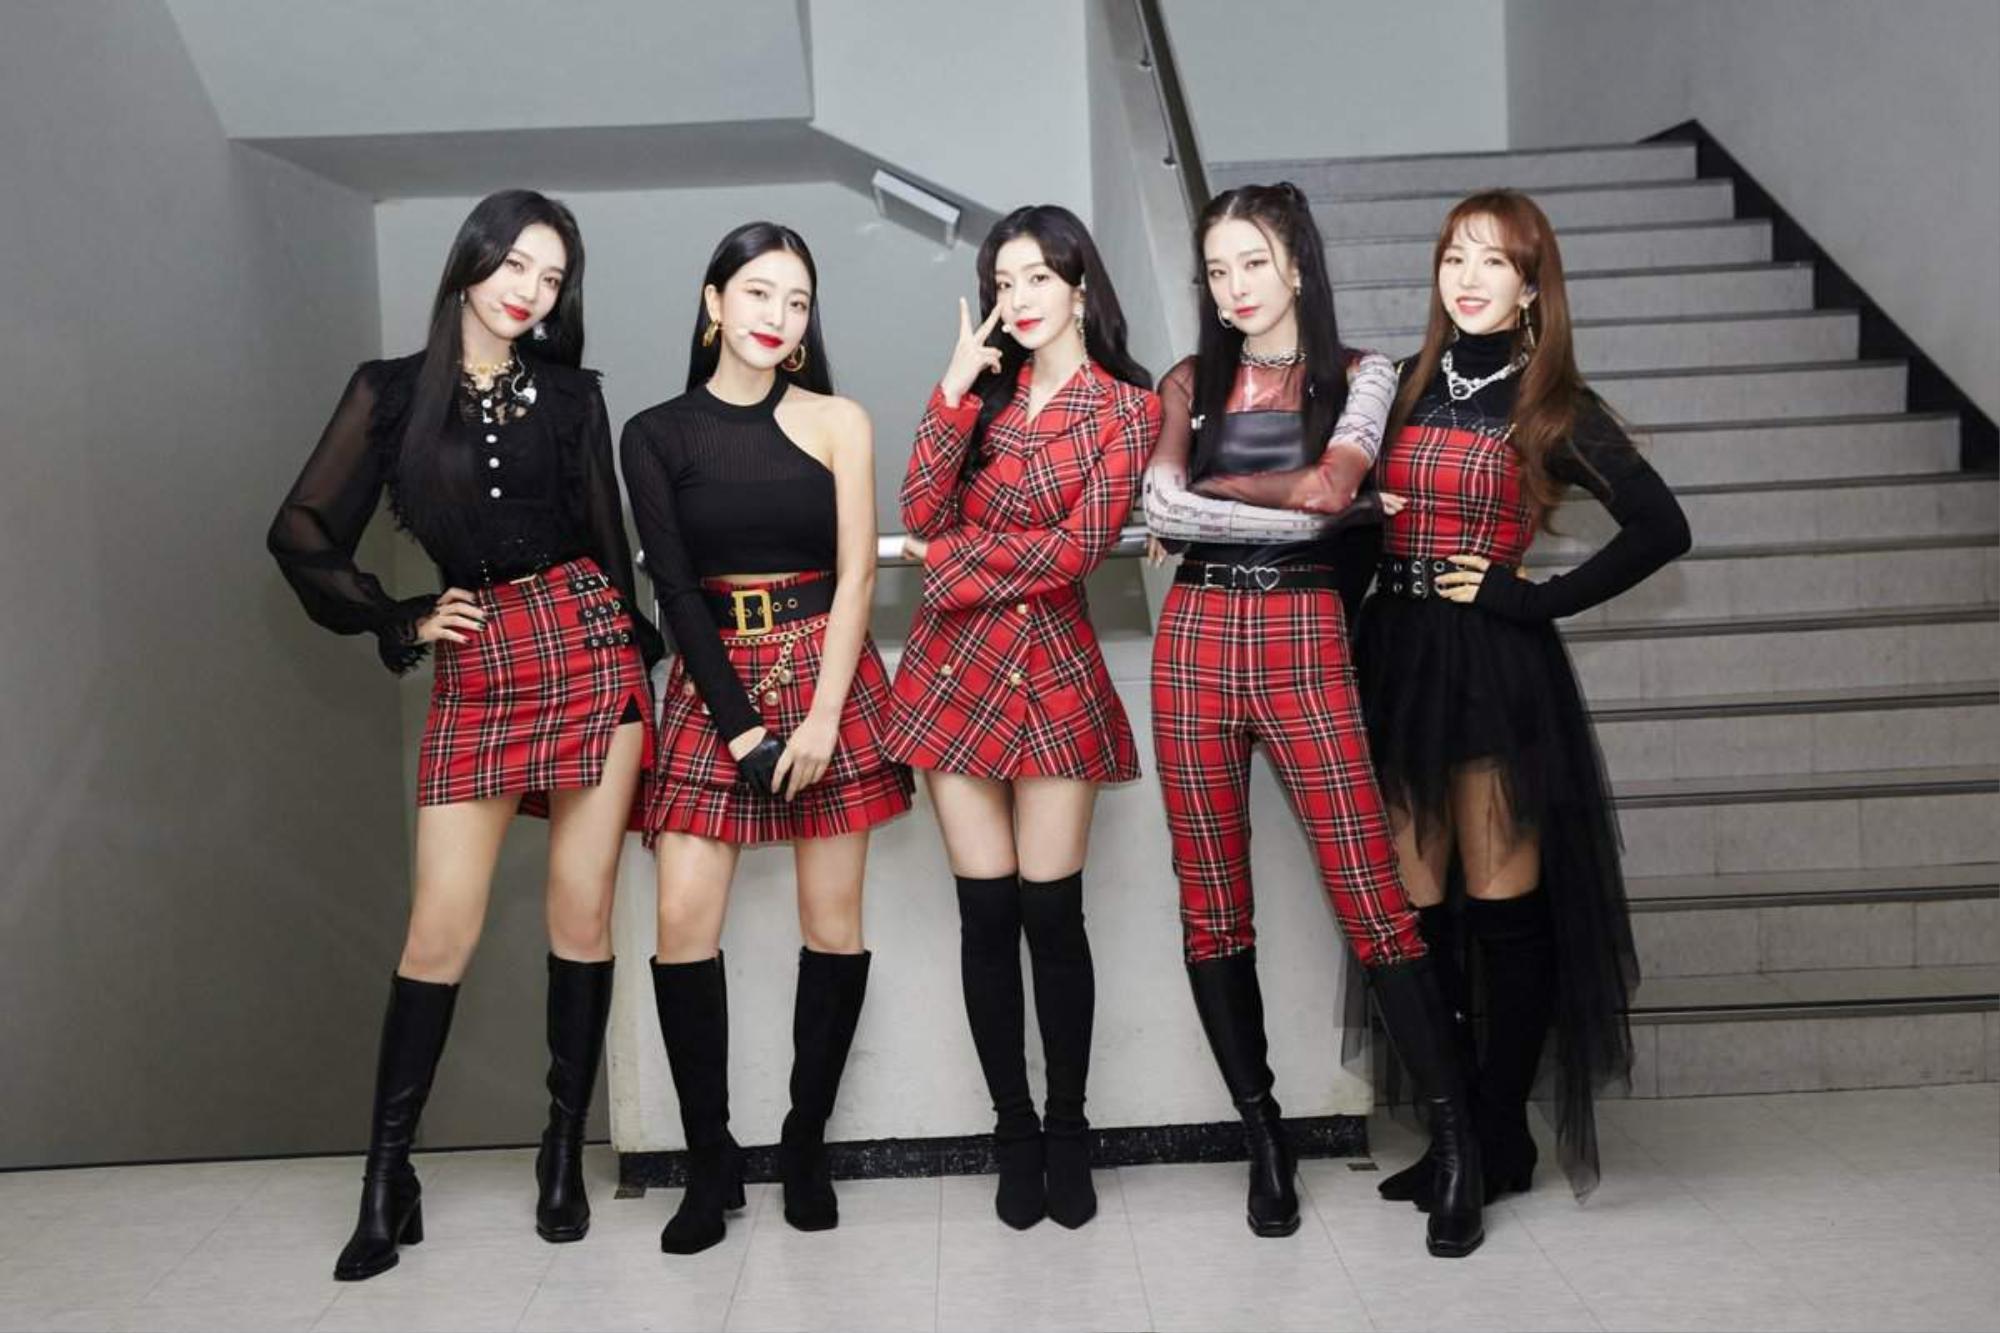 Phỏng vấn độc quyền JOY (Red Velvet): 'So với lúc làm việc 5 người, tôi thấy áp lực và trách nhiệm hơn' Ảnh 7